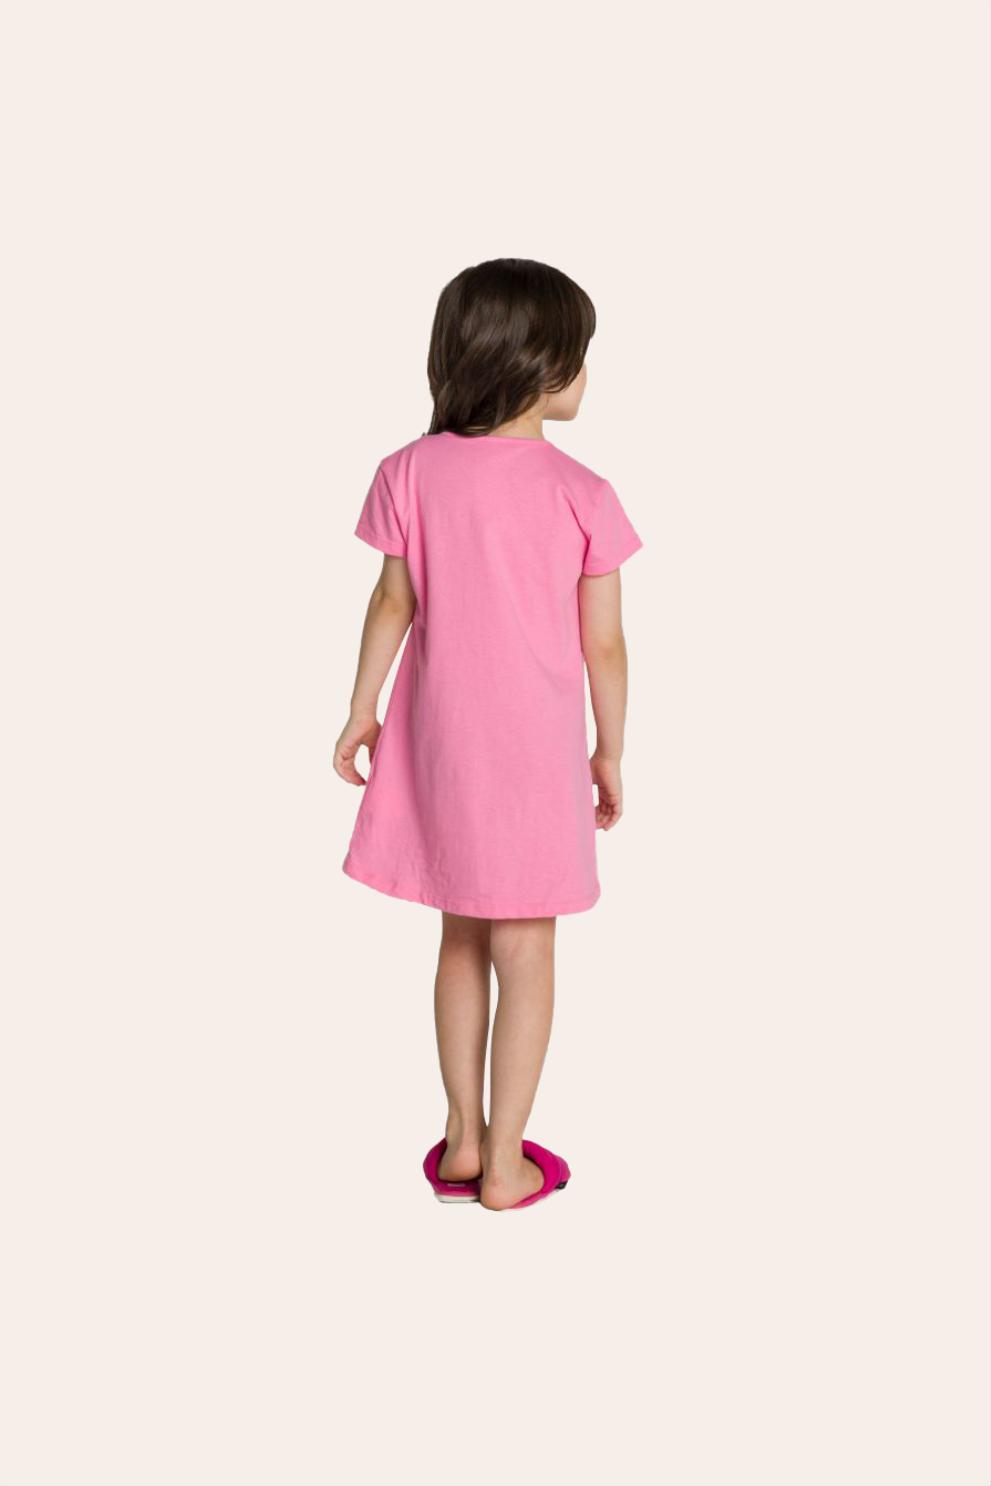 128/C - Camisola Infantil Sorvete com Granulado - Mãe e filha